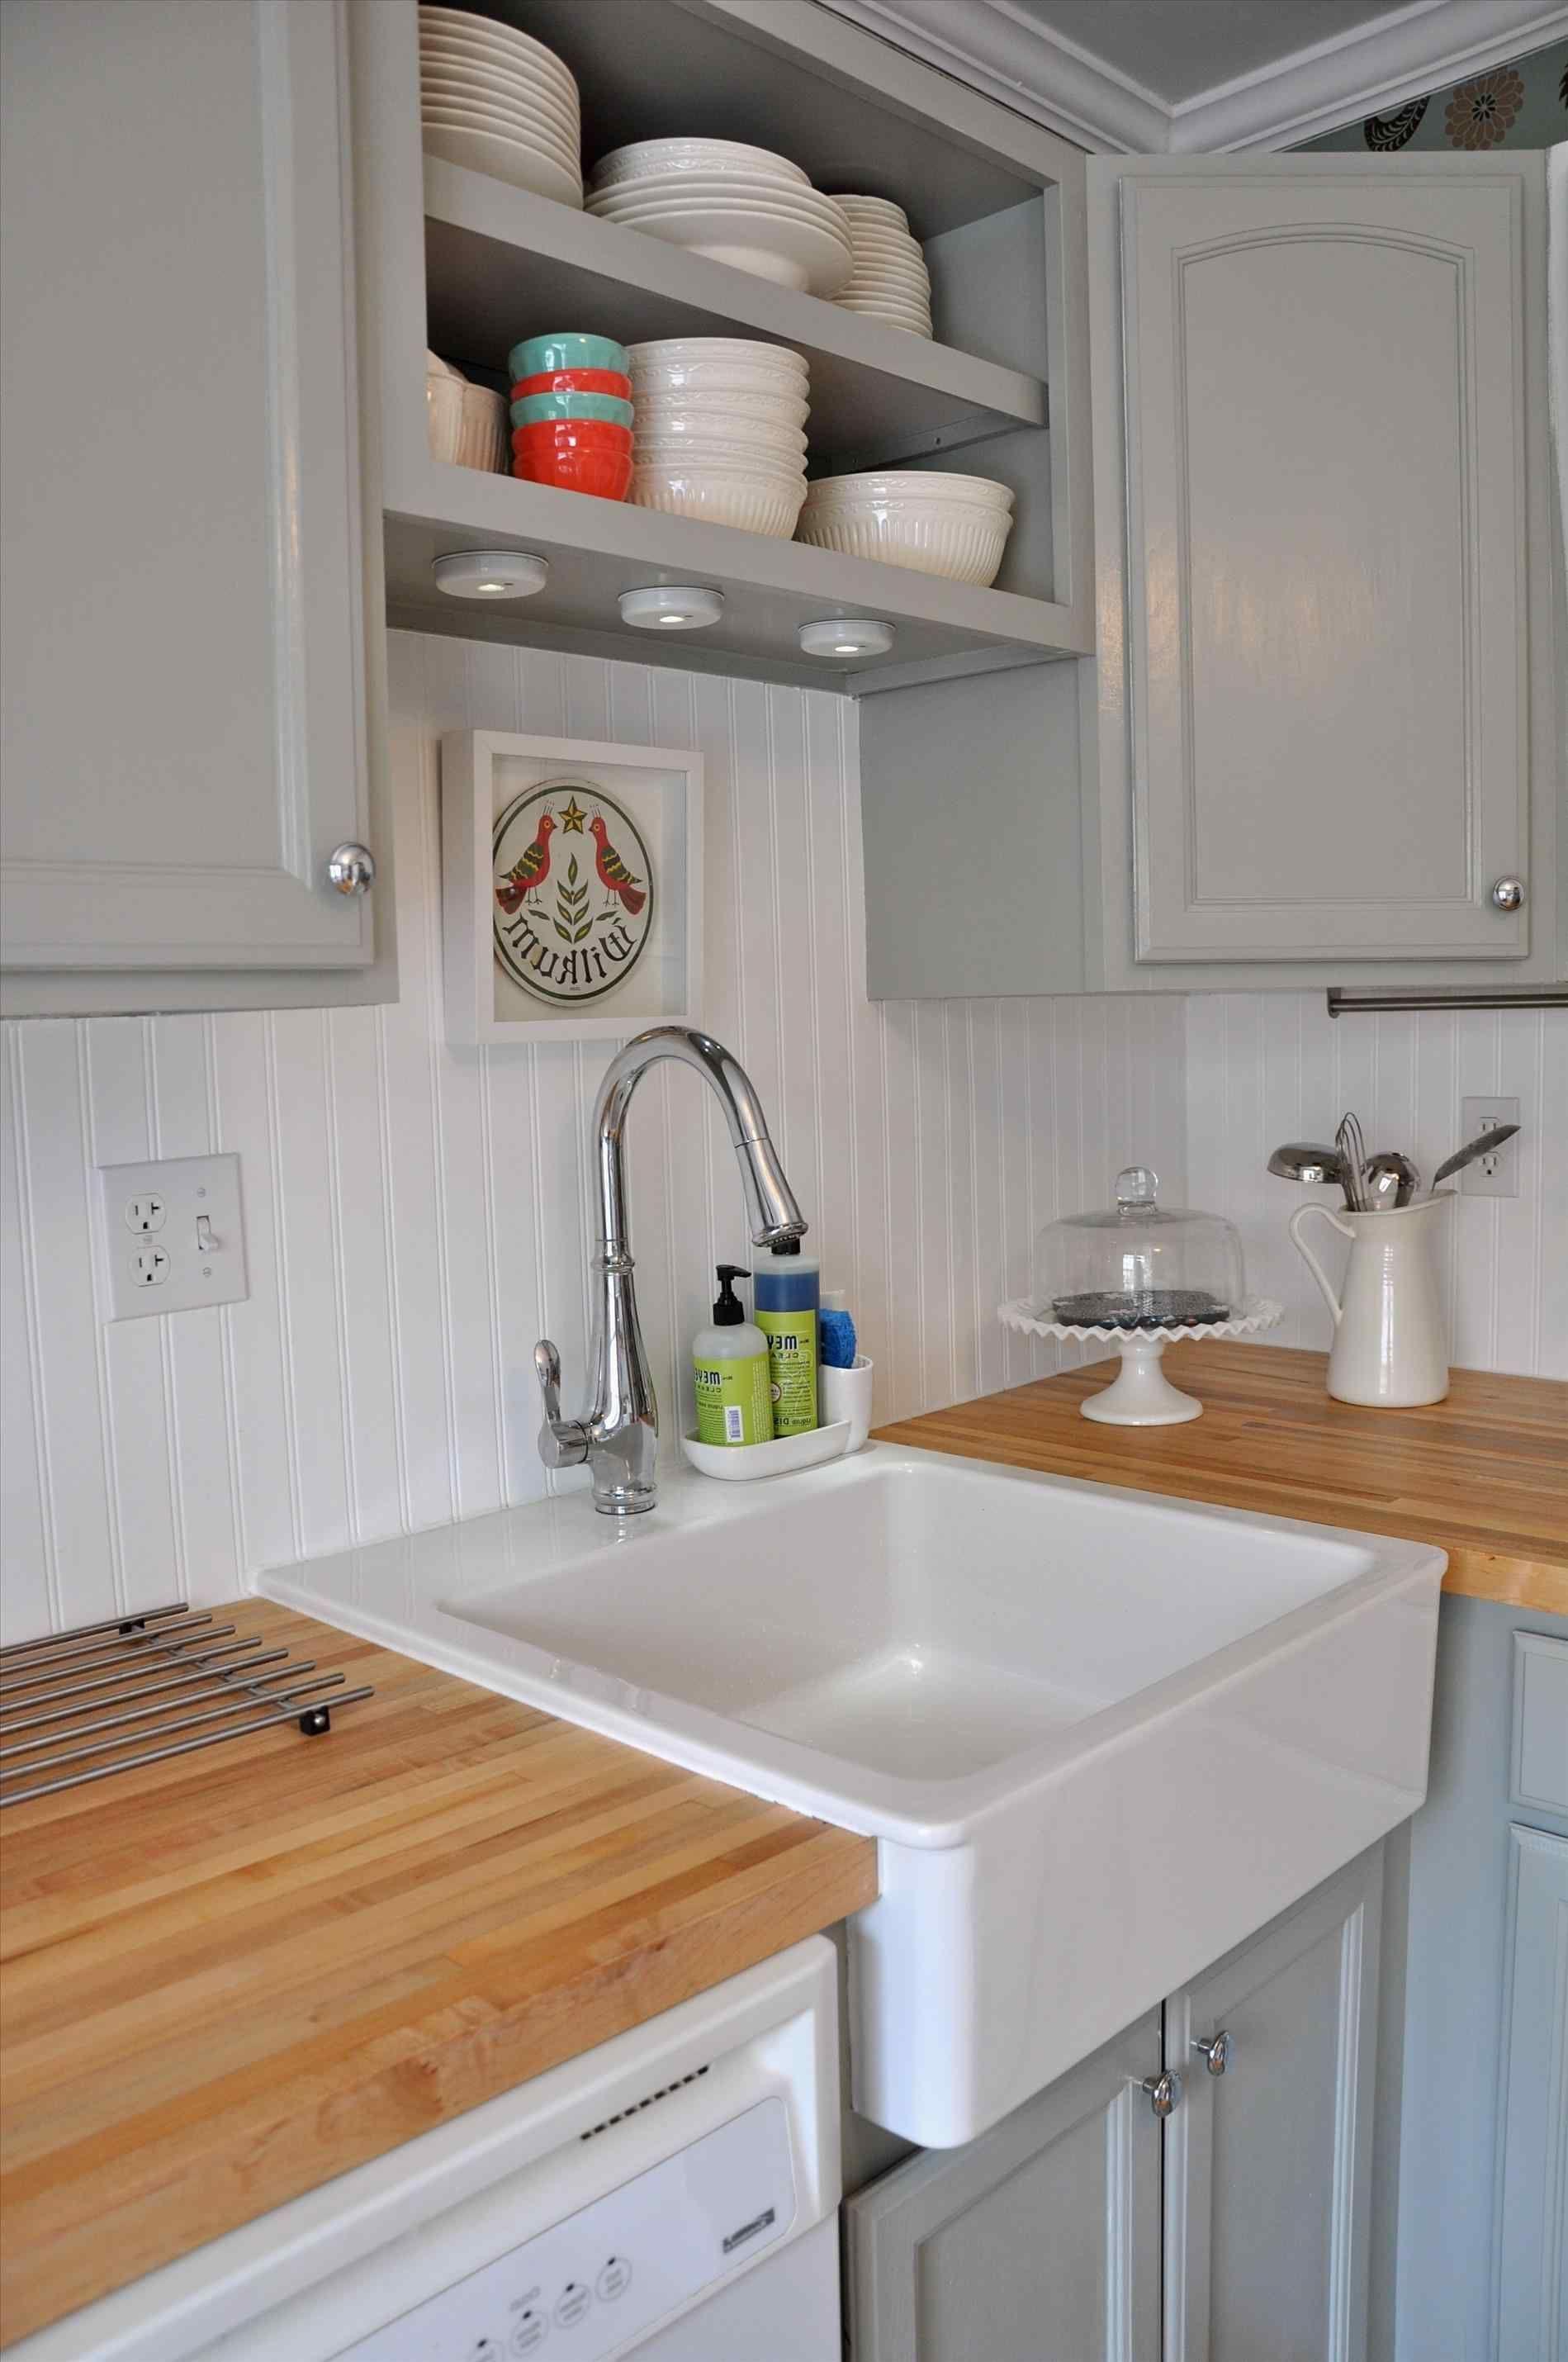 10 Best Waterproof Paint For Kitchen Backsplash Breakpr Beadboard Kitchen Cabinets Farmhouse Kitchen Colors Beadboard Kitchen